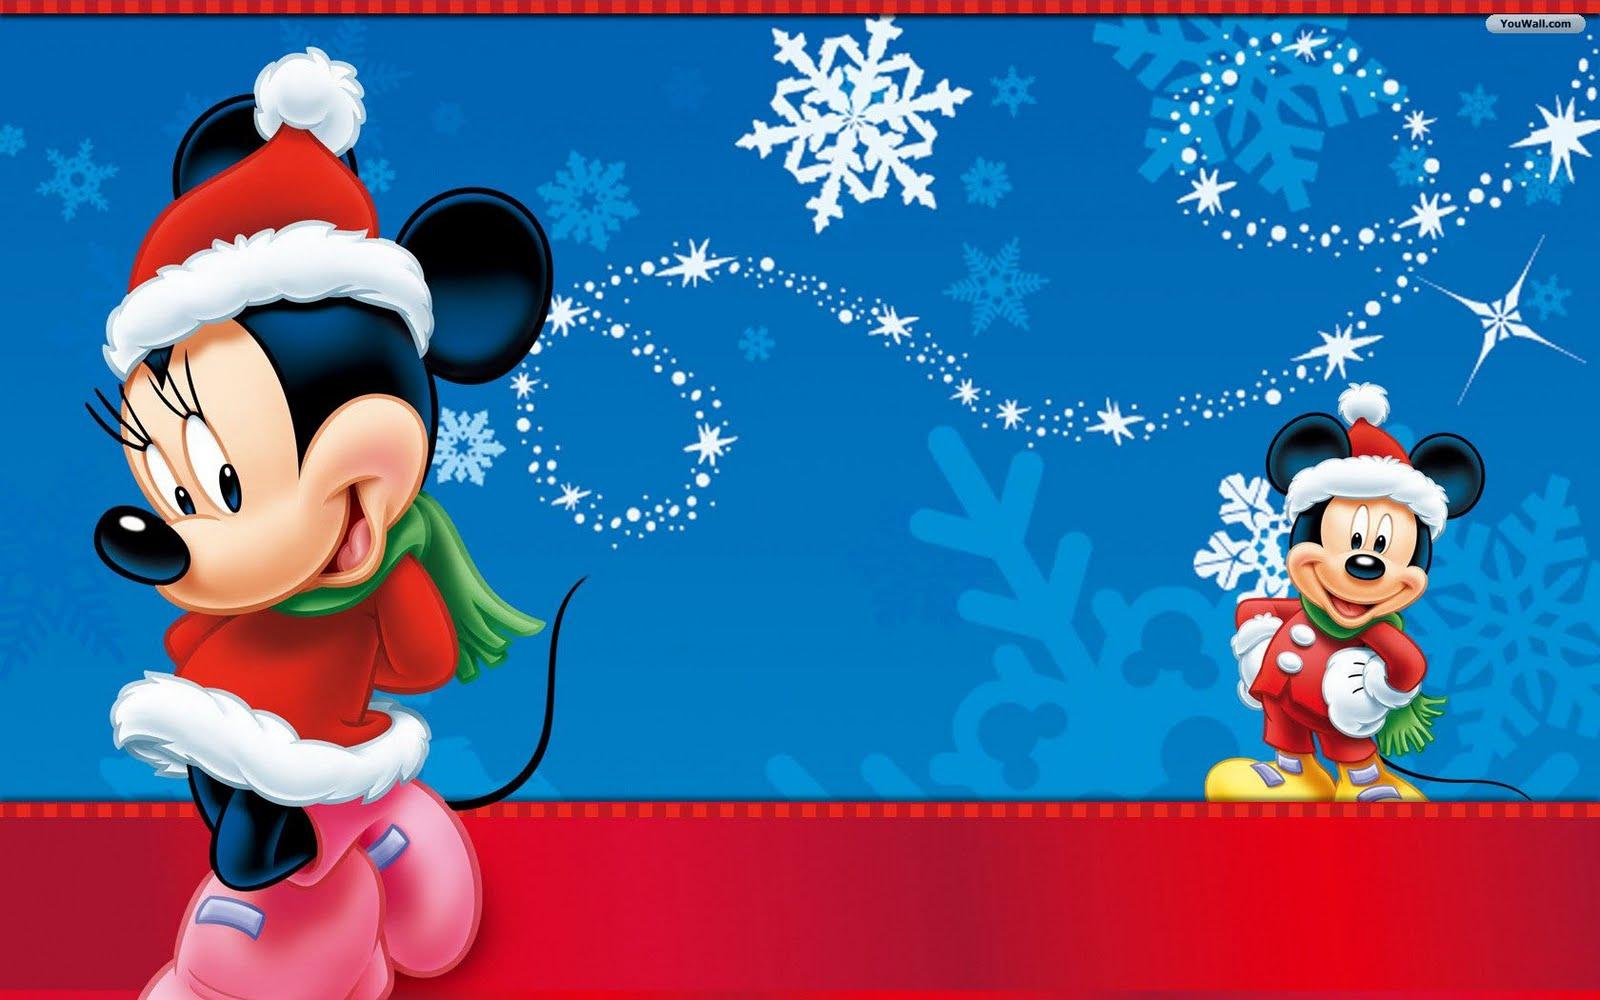 Christmas 5 adorable Disney Christmas wallpapers for your computer 1600x1000